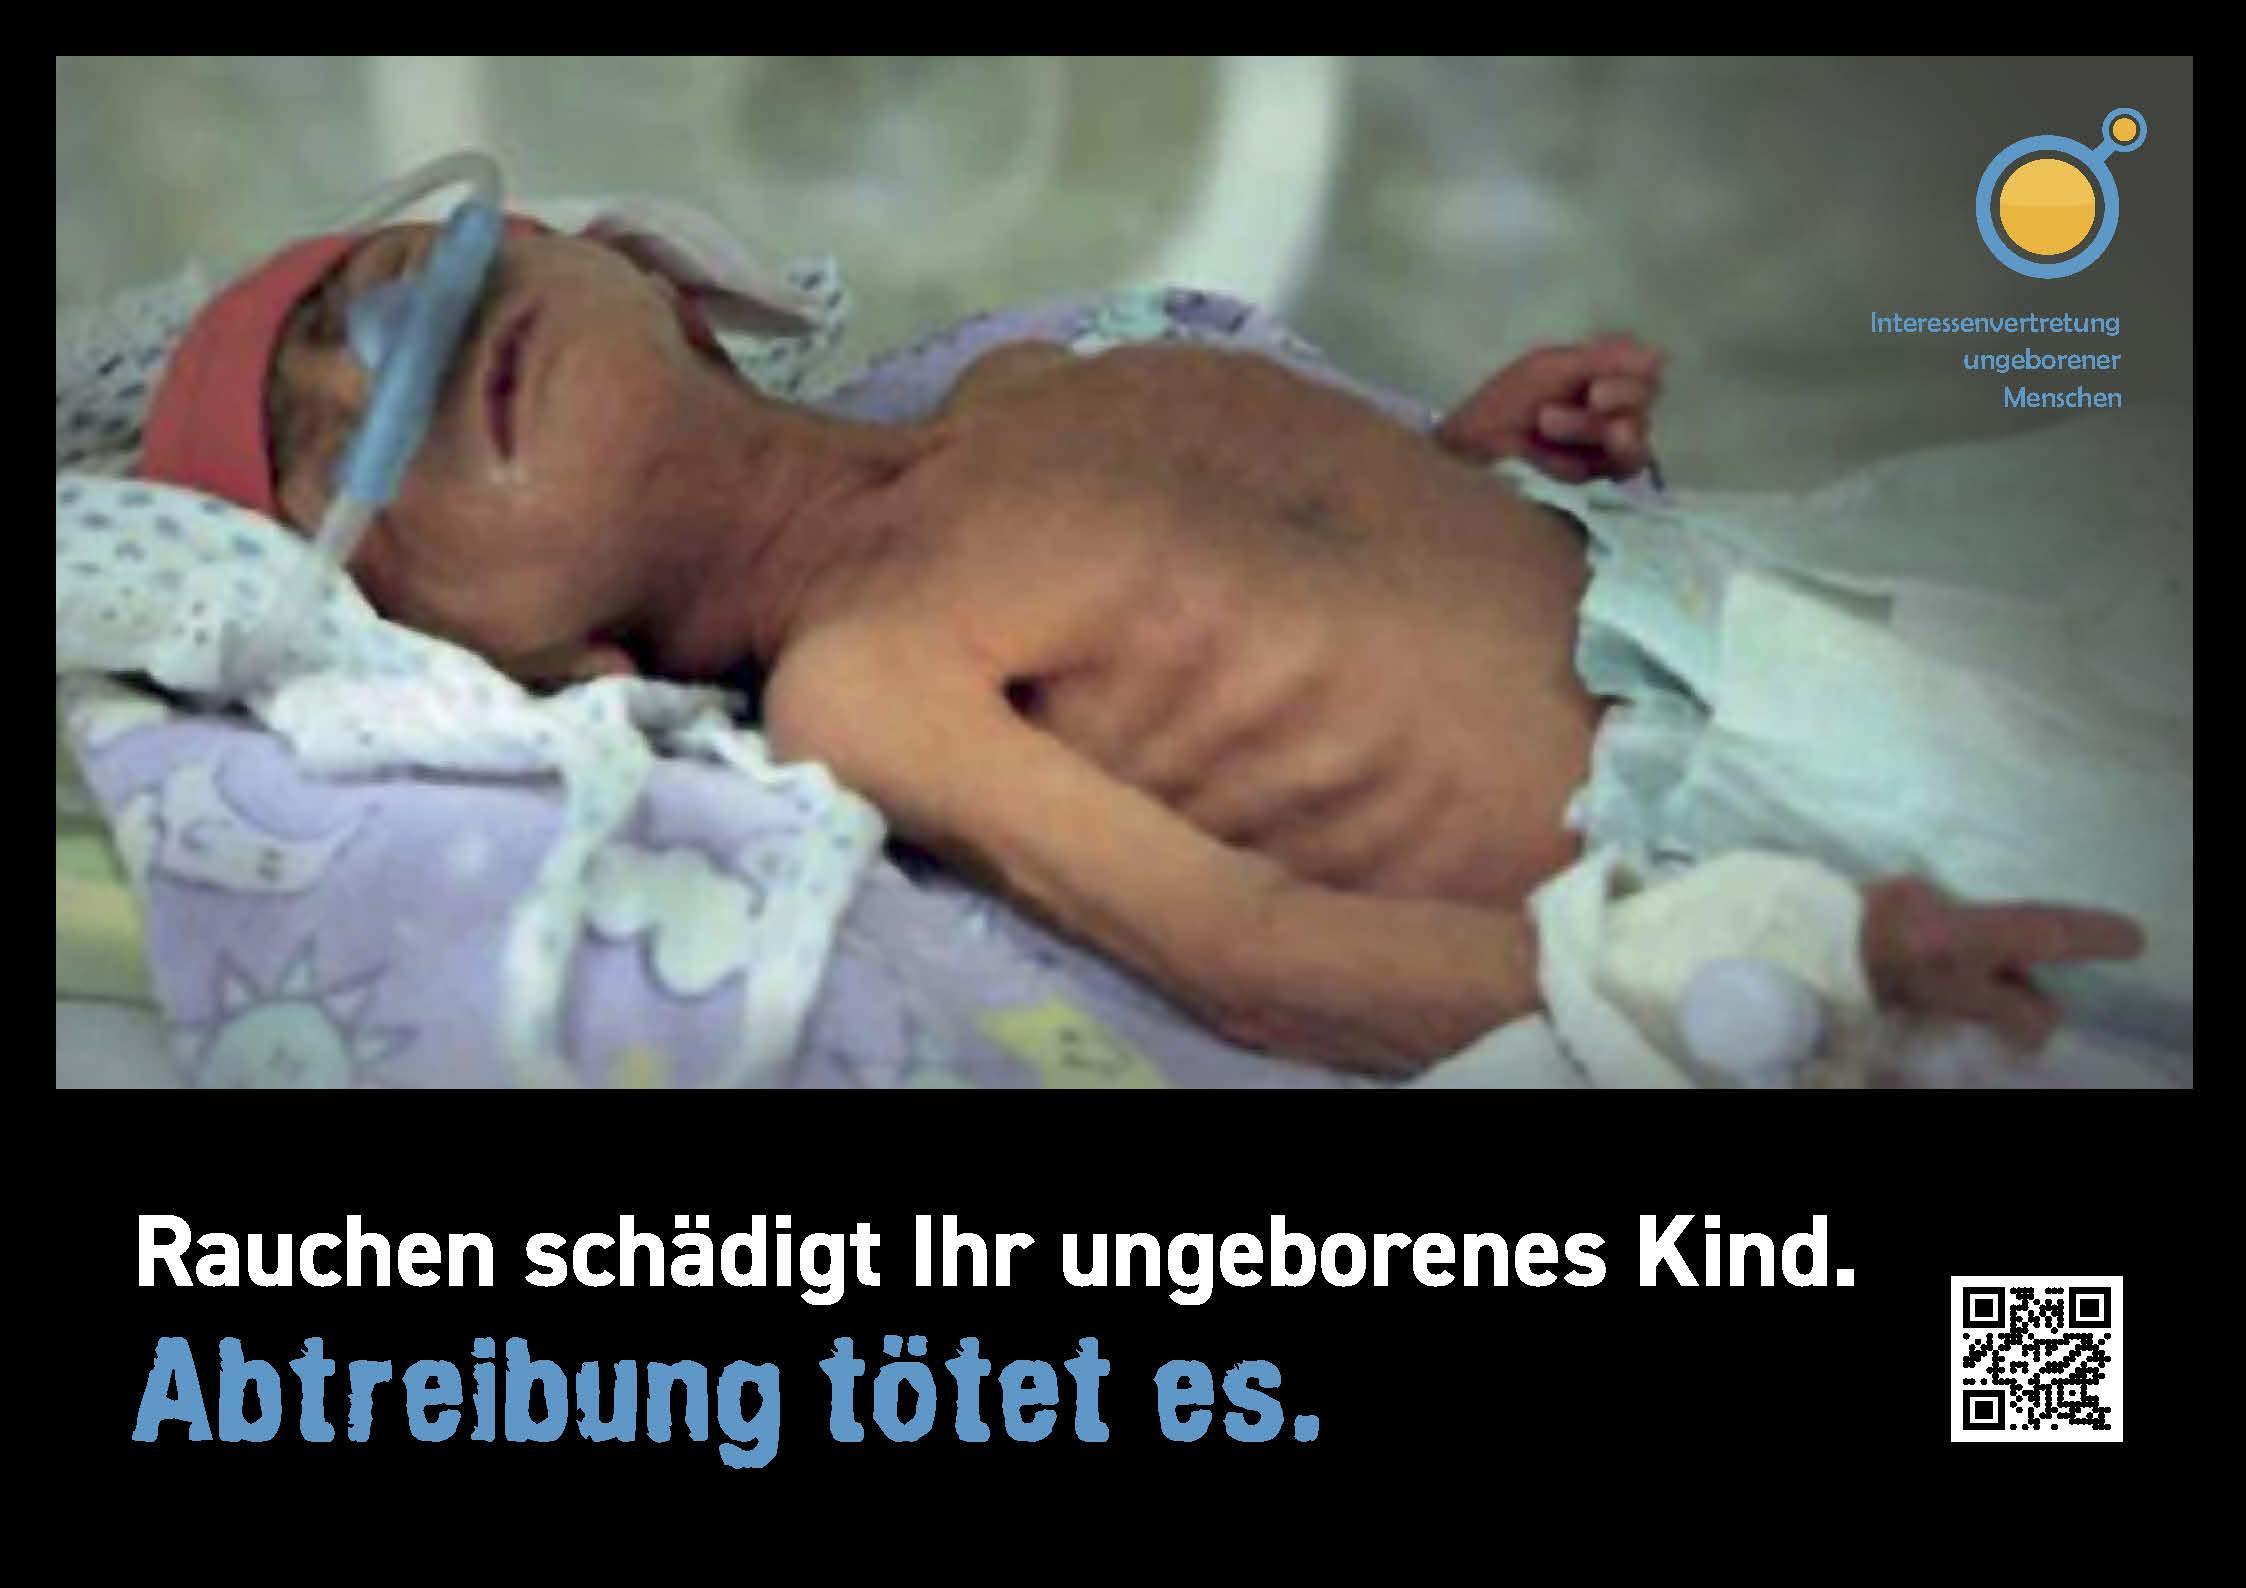 Rauchen schadet - Abtreibung tötet